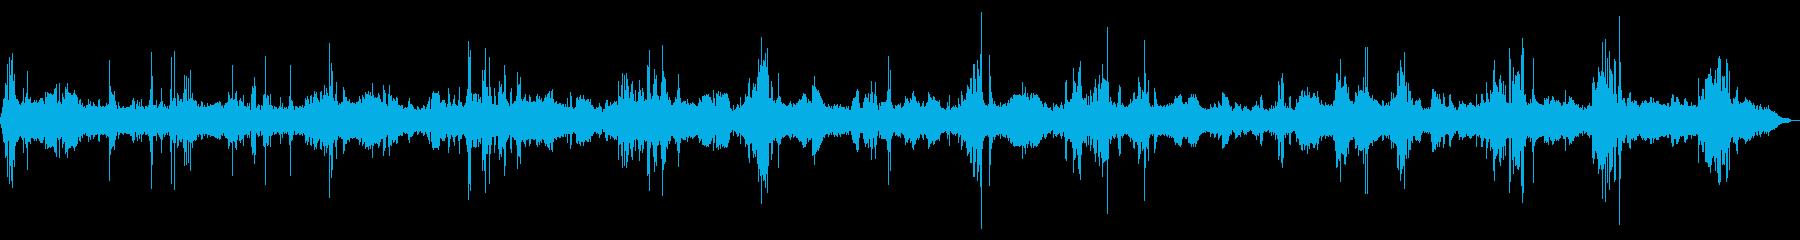 [生録音]工事現場01-疑似バイノーラルの再生済みの波形